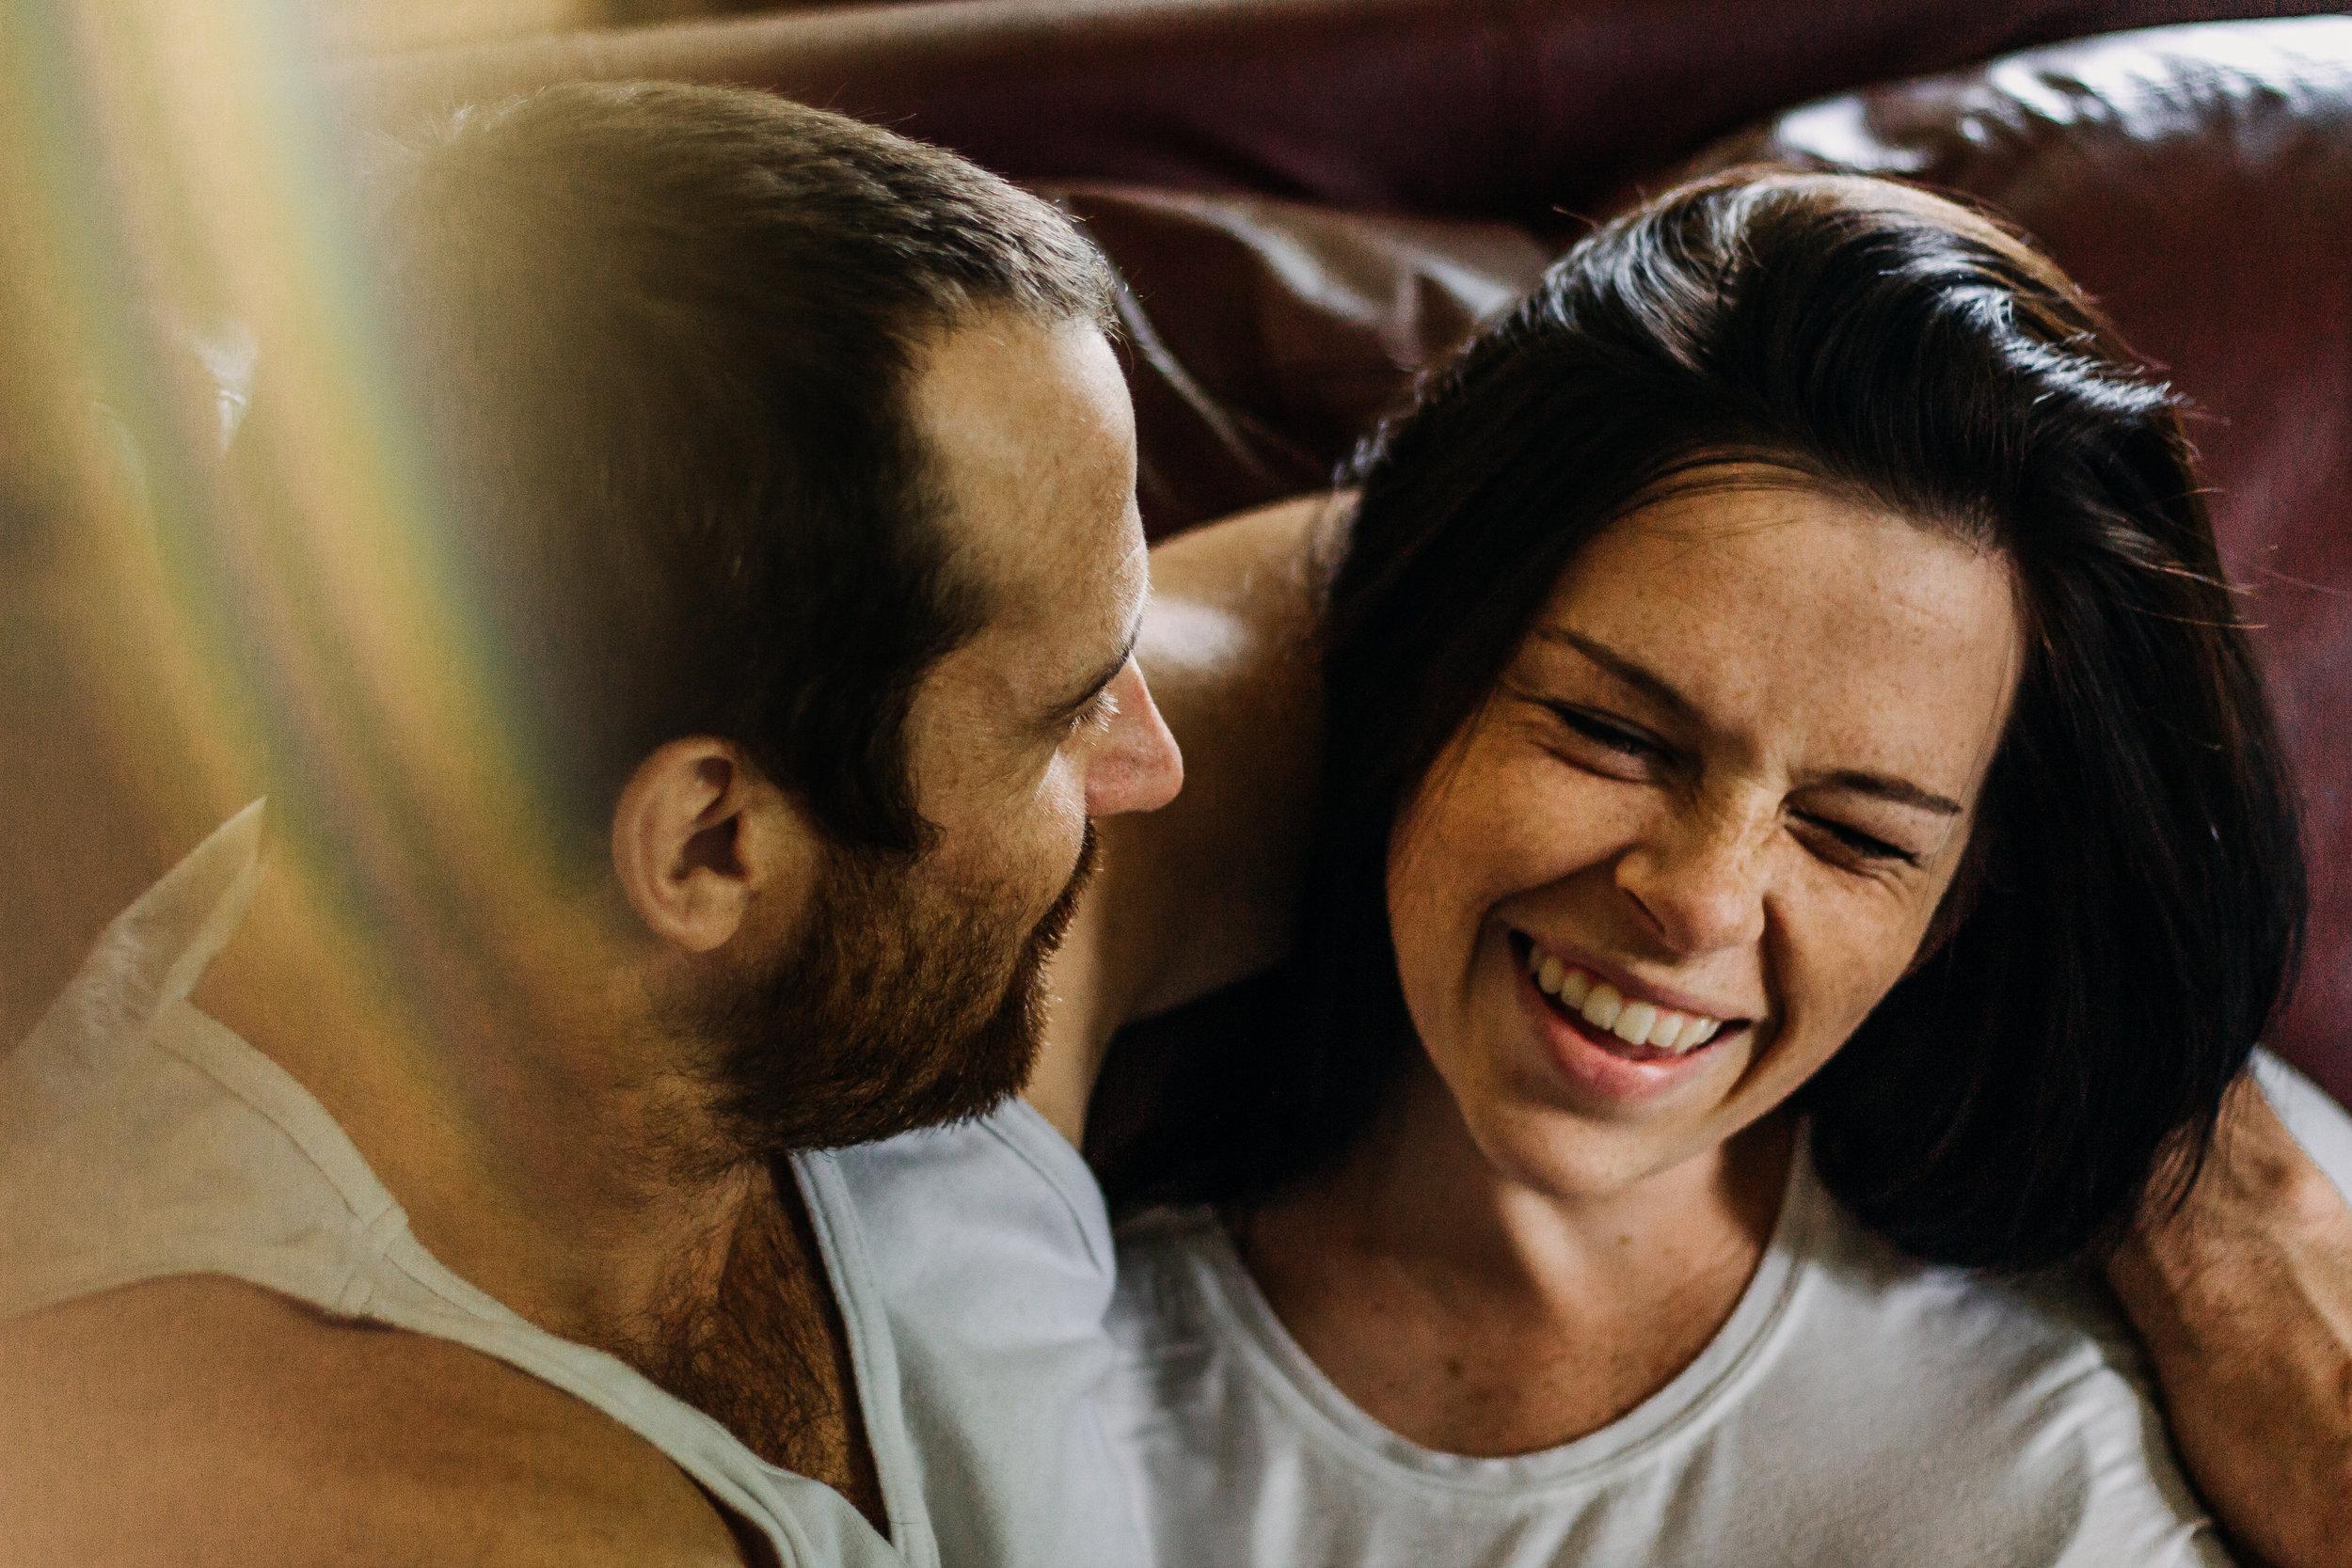 ottawa-boudoir-photographer-couples